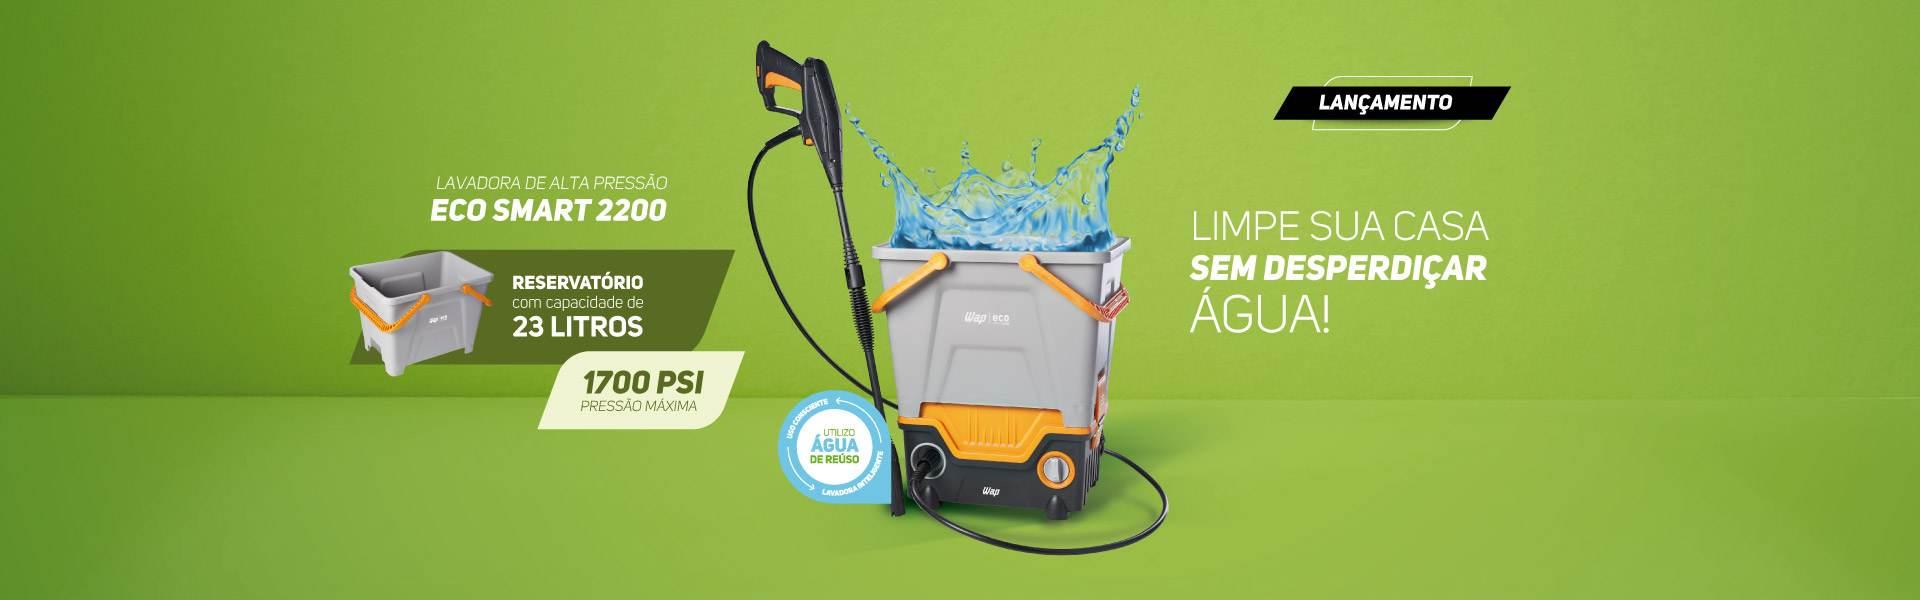 lavadora-de-alta-pressao-eco-smart-2200